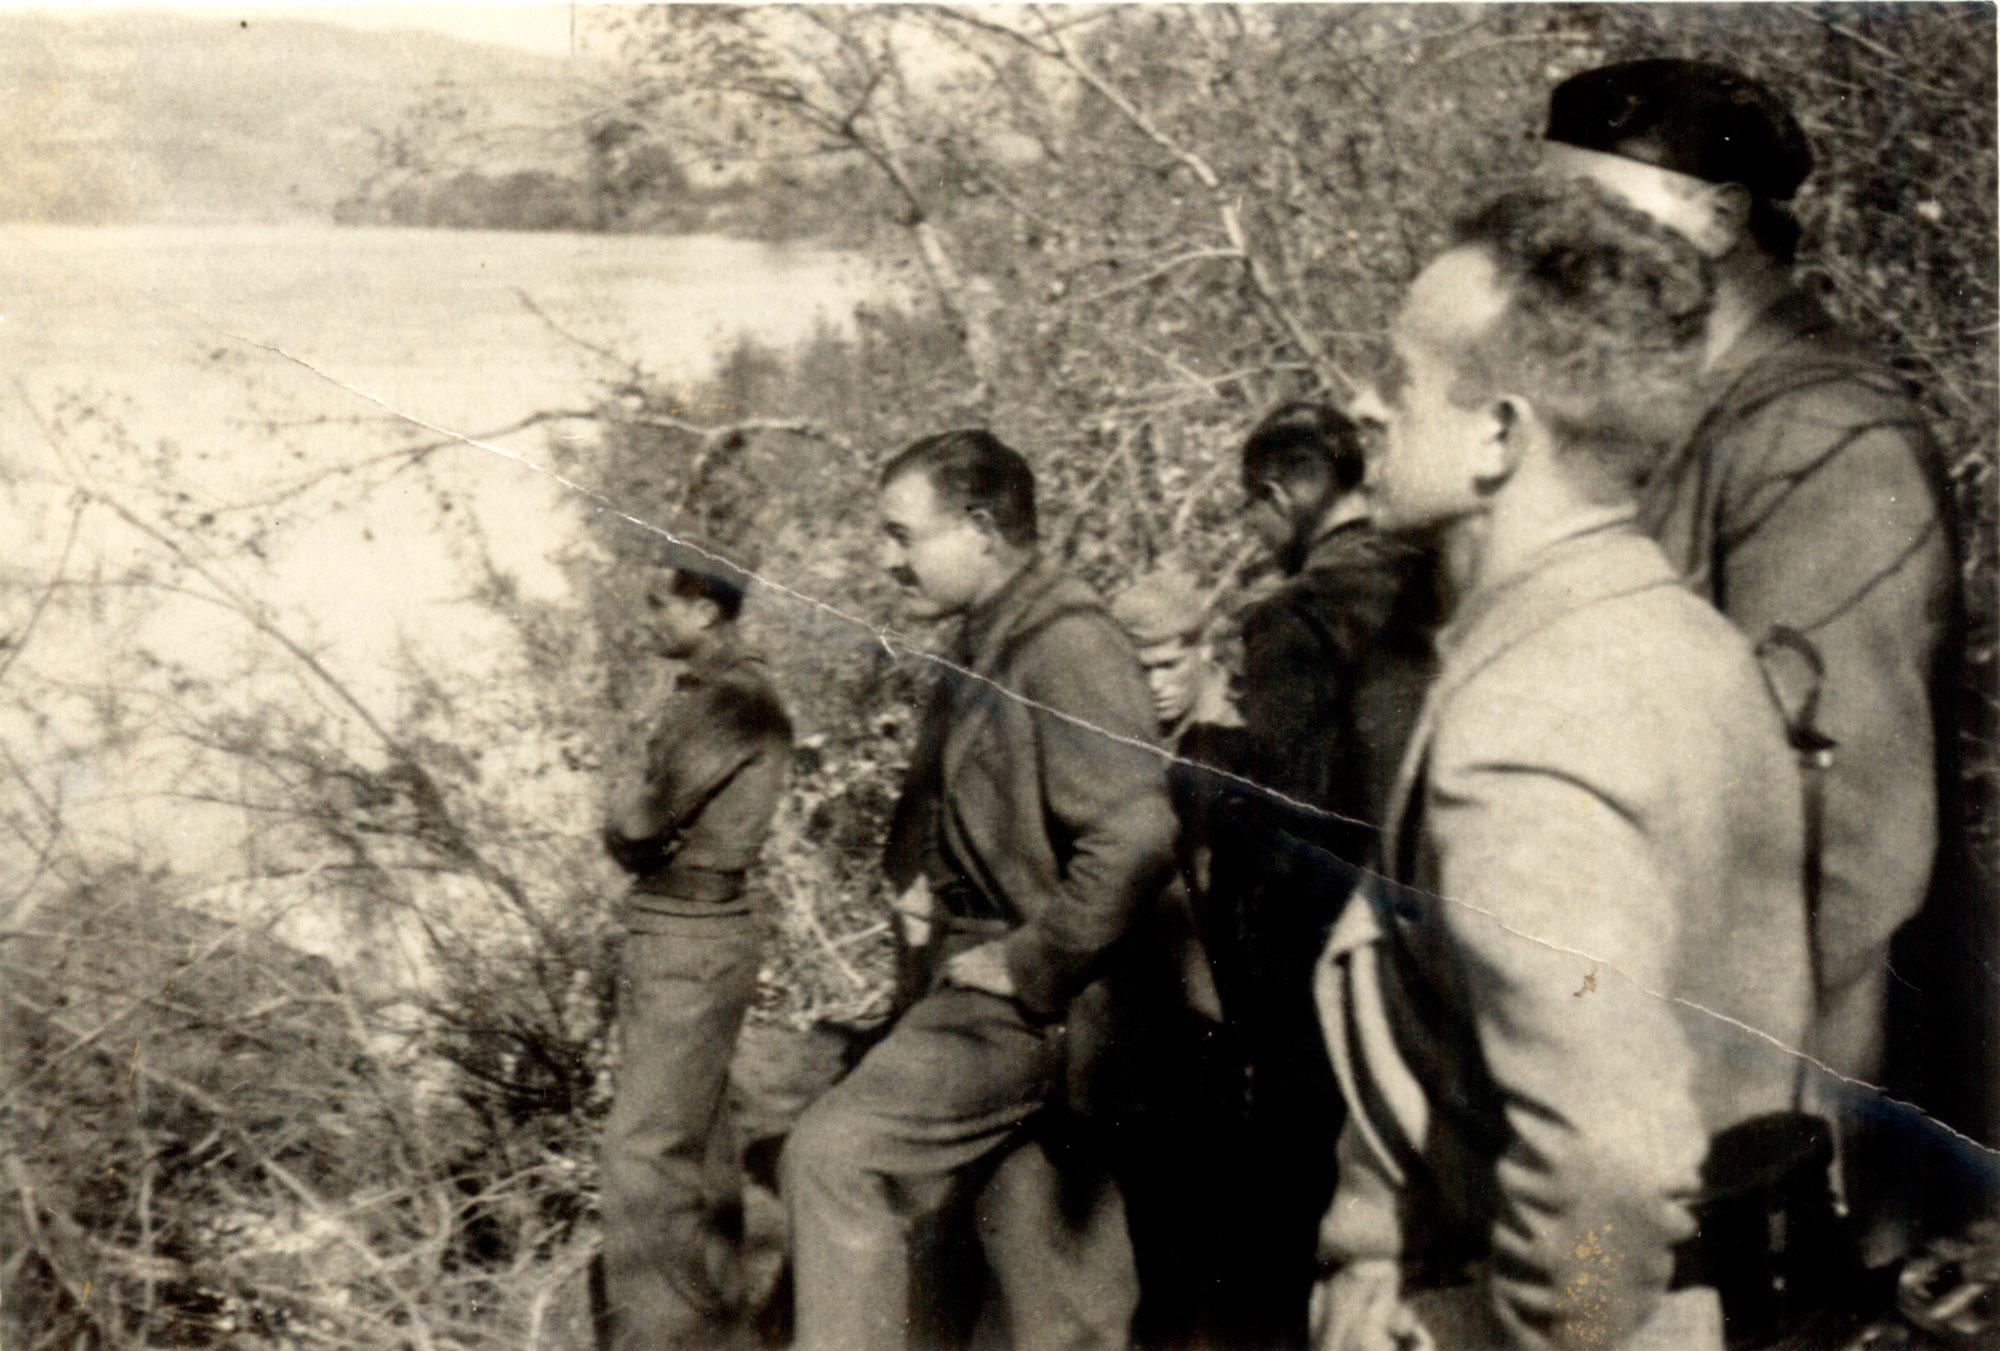 Hemingway y Buckley asomándose al Ebro. Foto cedida por Ramón Buckley.